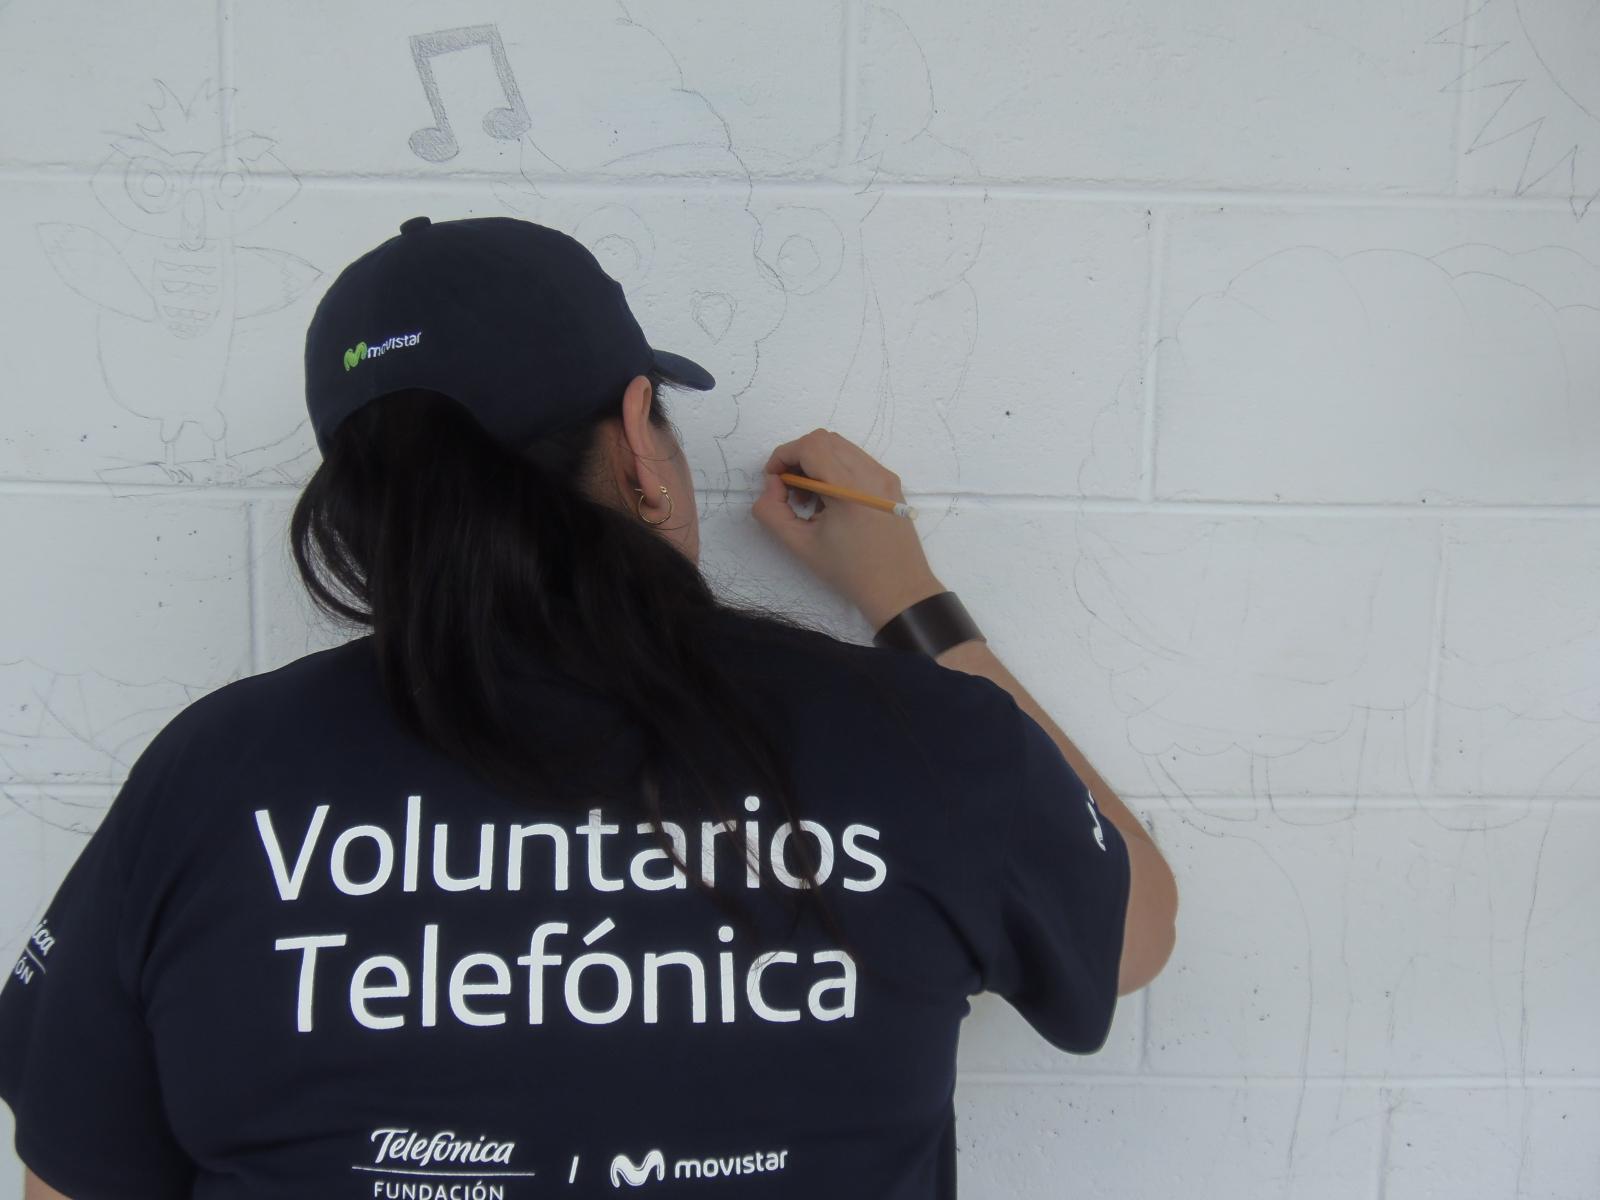 Centro escolar Lotificación El Rosario fue beneficiado con el proyecto de voluntariado Telefónica de la empresa Movistar